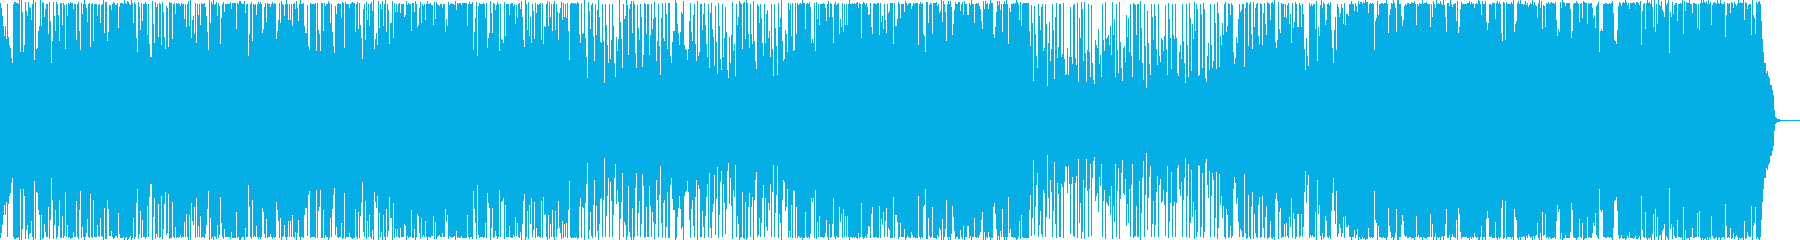 寂しい、感動的な場面に合う曲の再生済みの波形